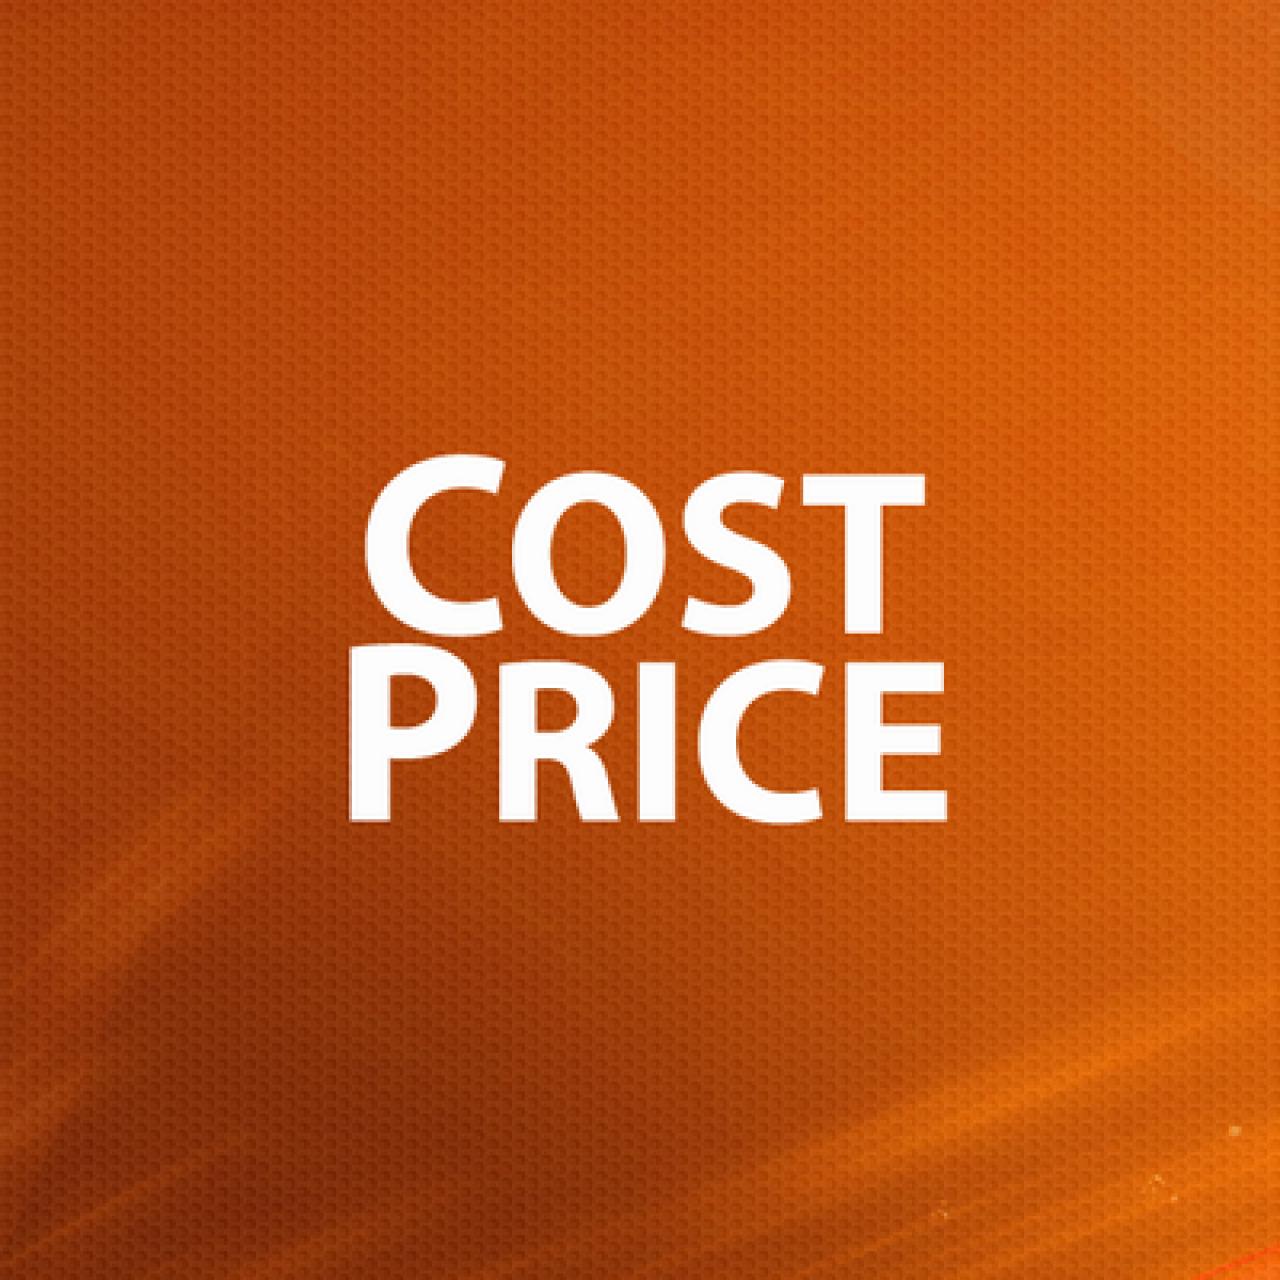 CostPrice - закупочная цена товаров в Opencart из категории Админка для CMS OpenCart (ОпенКарт)